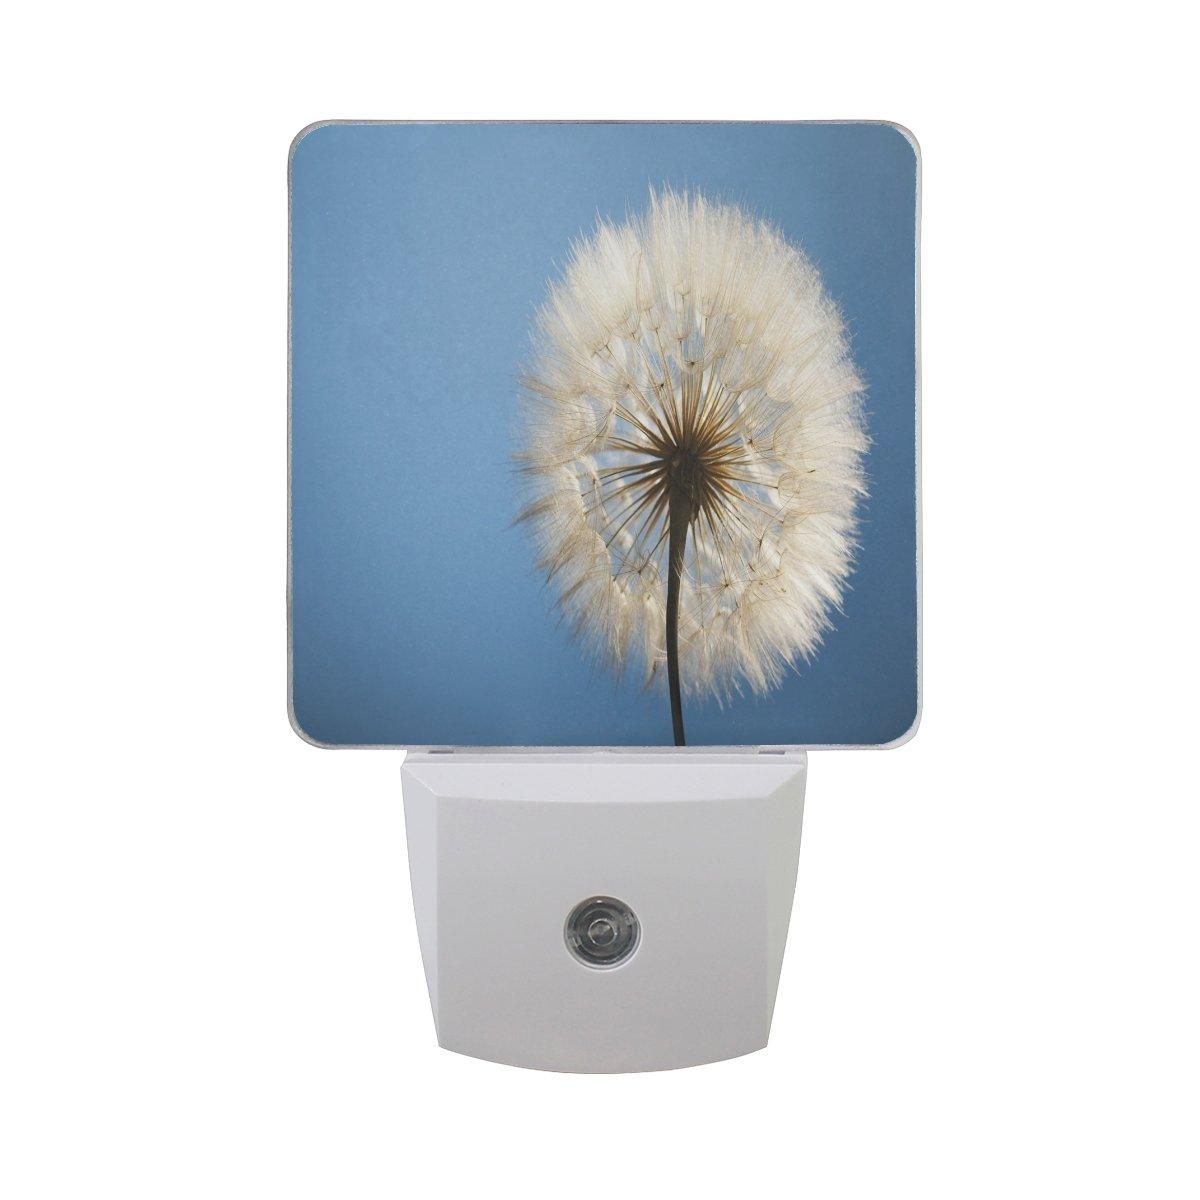 プラグインLED夜ライトランプBigタンポポ印刷with Dusk to Dawnセンサーのベッドルーム、バスルーム、廊下、階段、2 pack-0.5 W B07CV9R2JD